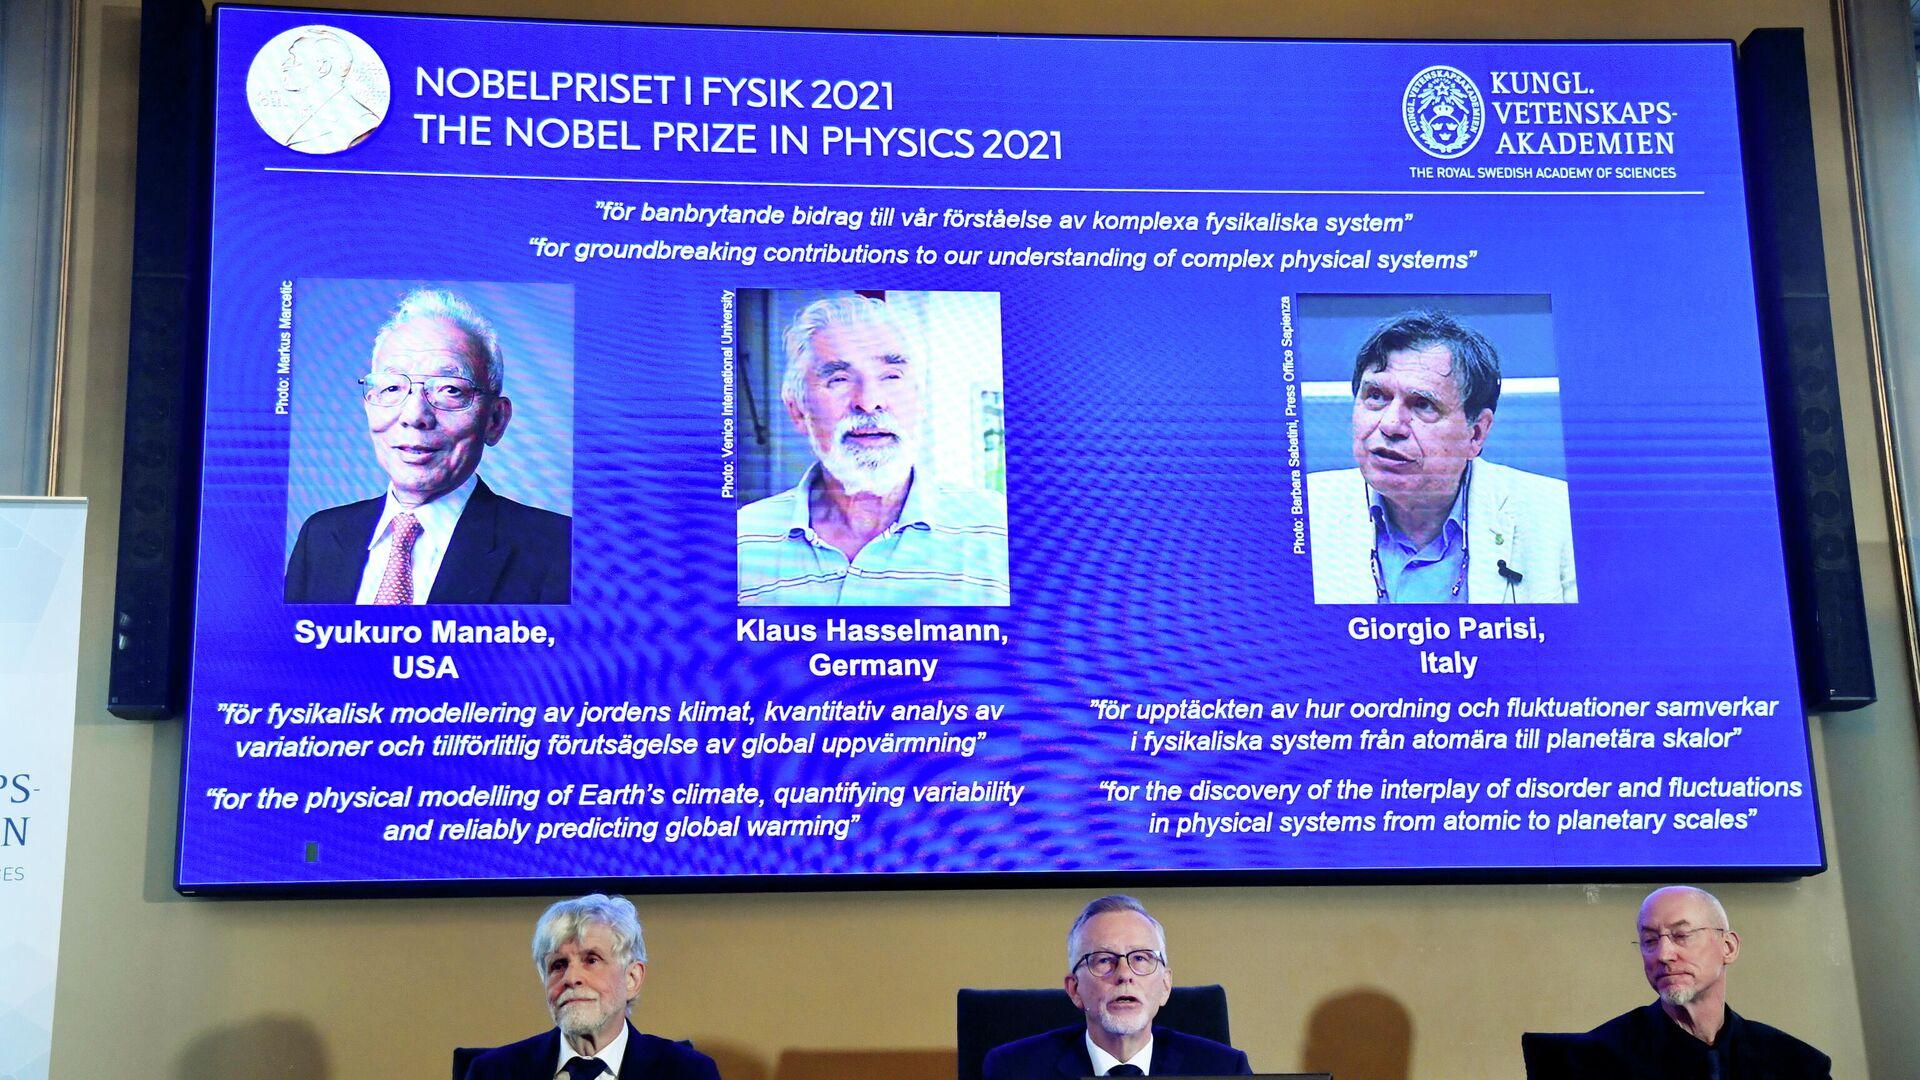 Лауреатами Нобелевской премии по физике 2021 года стали Сюкуро Манабэ, Клаус Хассельман и Джорджо Паризи - Sputnik Беларусь, 1920, 05.10.2021